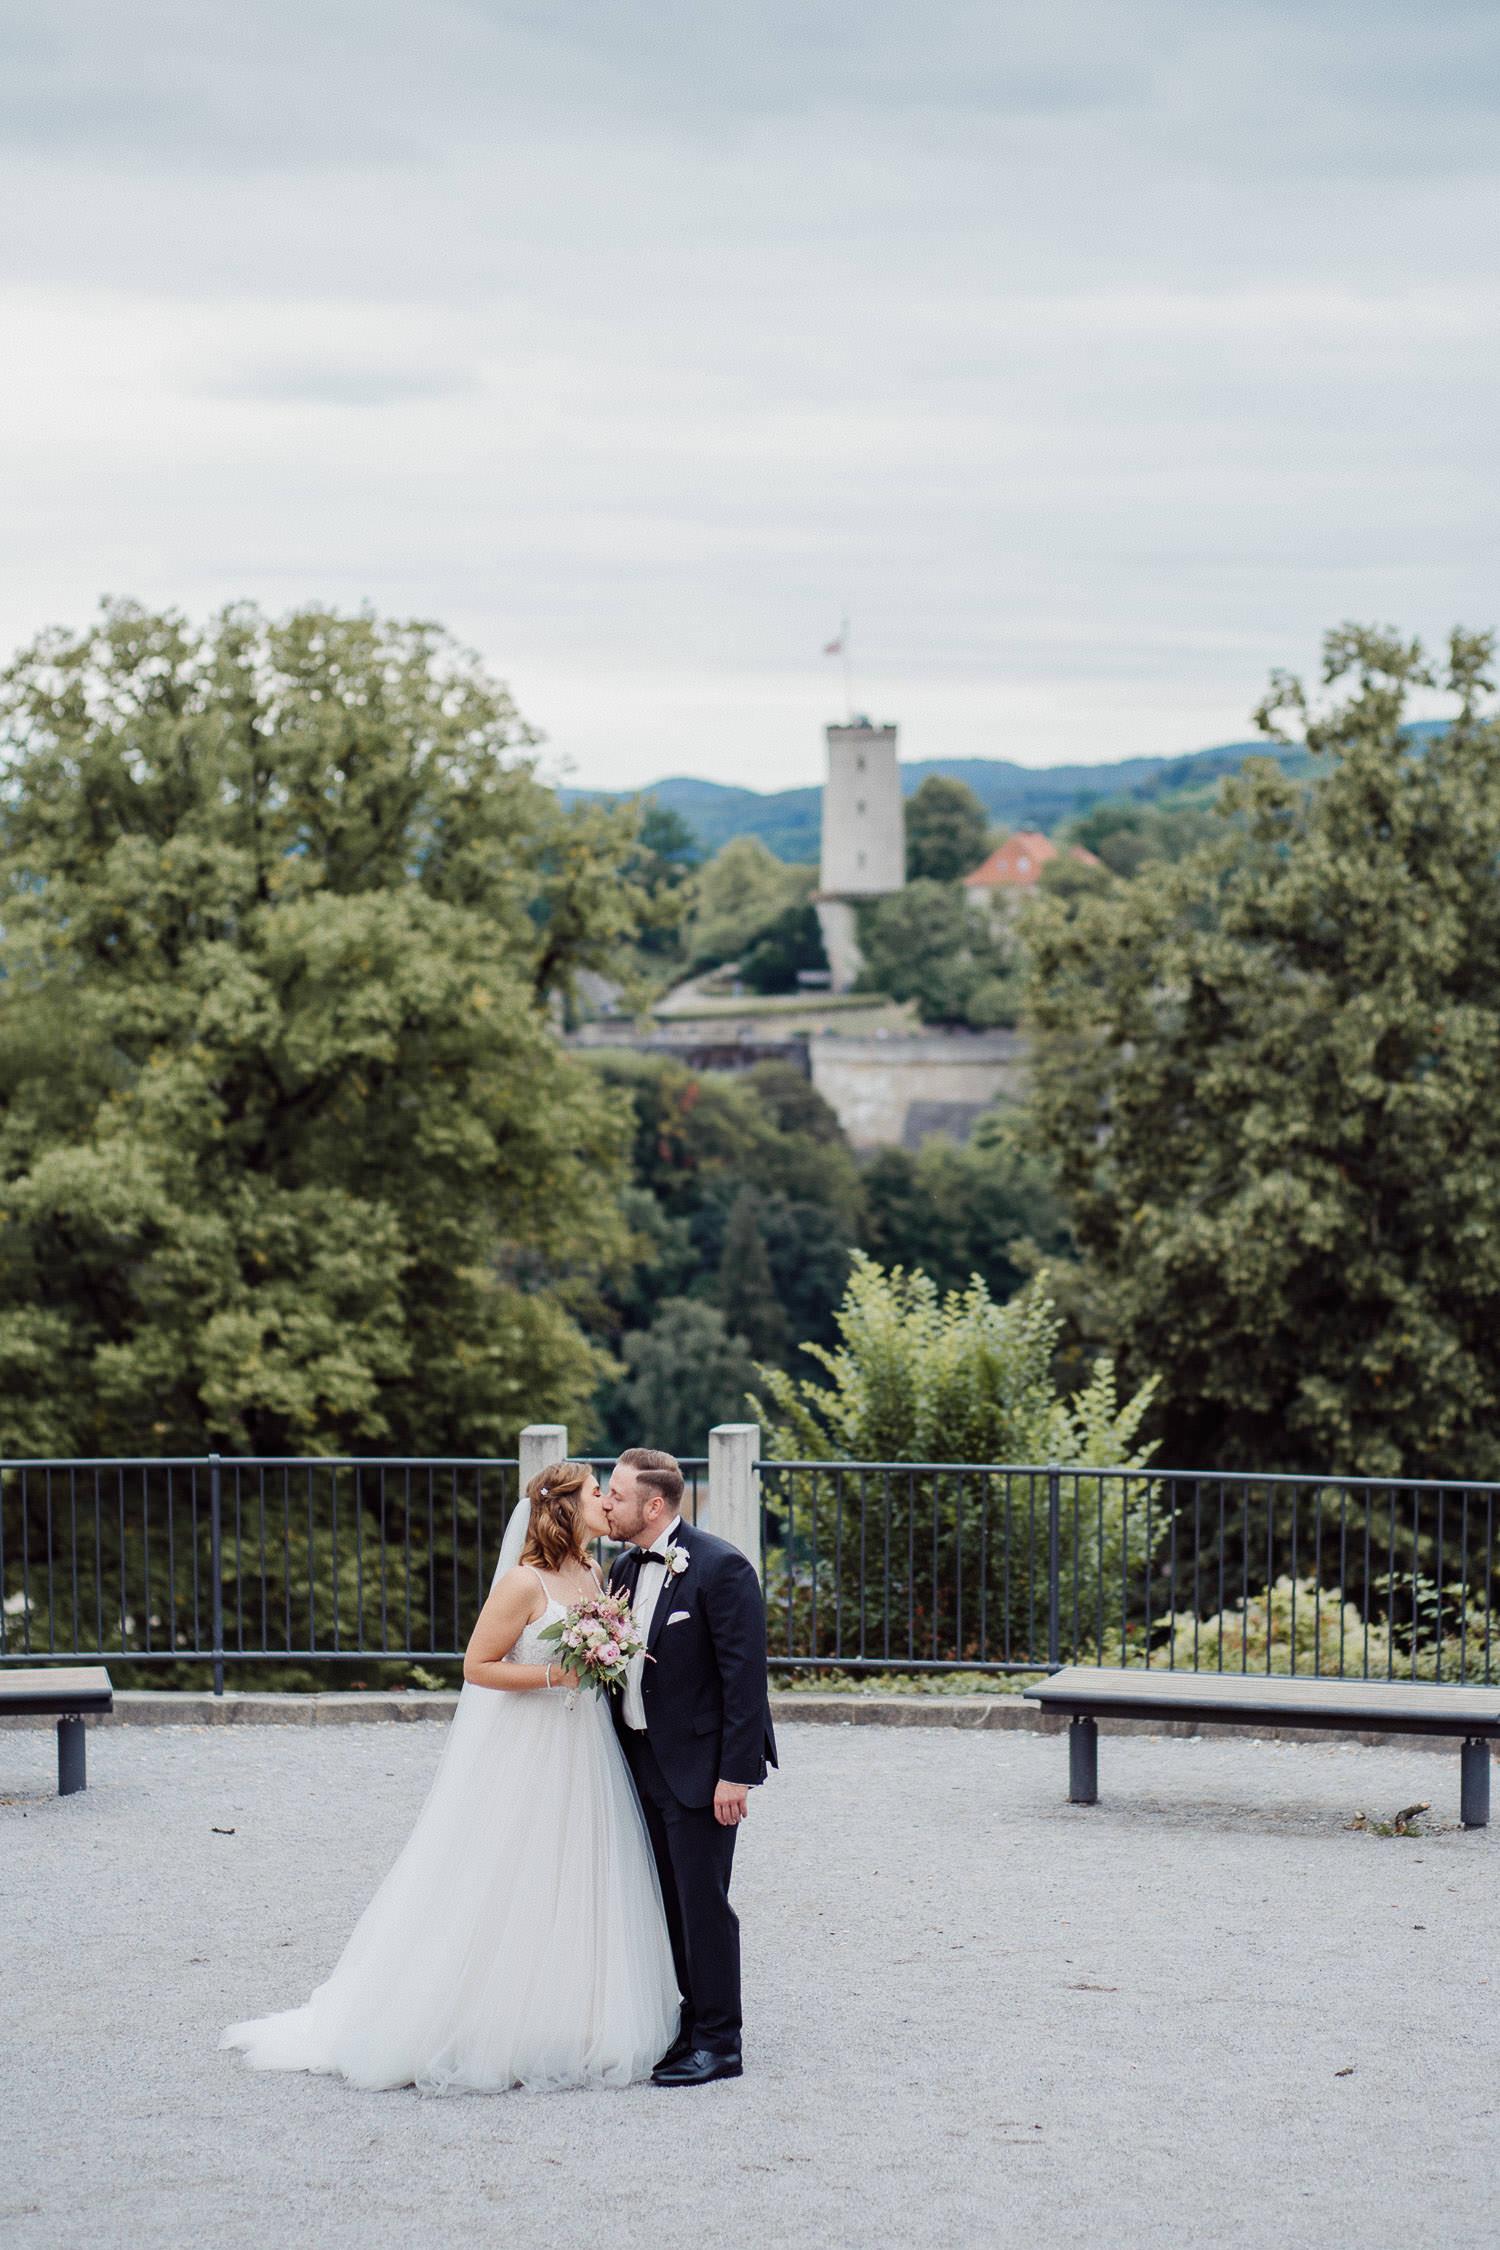 Hochzeitsfotos vor der Sparrenburg in Bielefeld